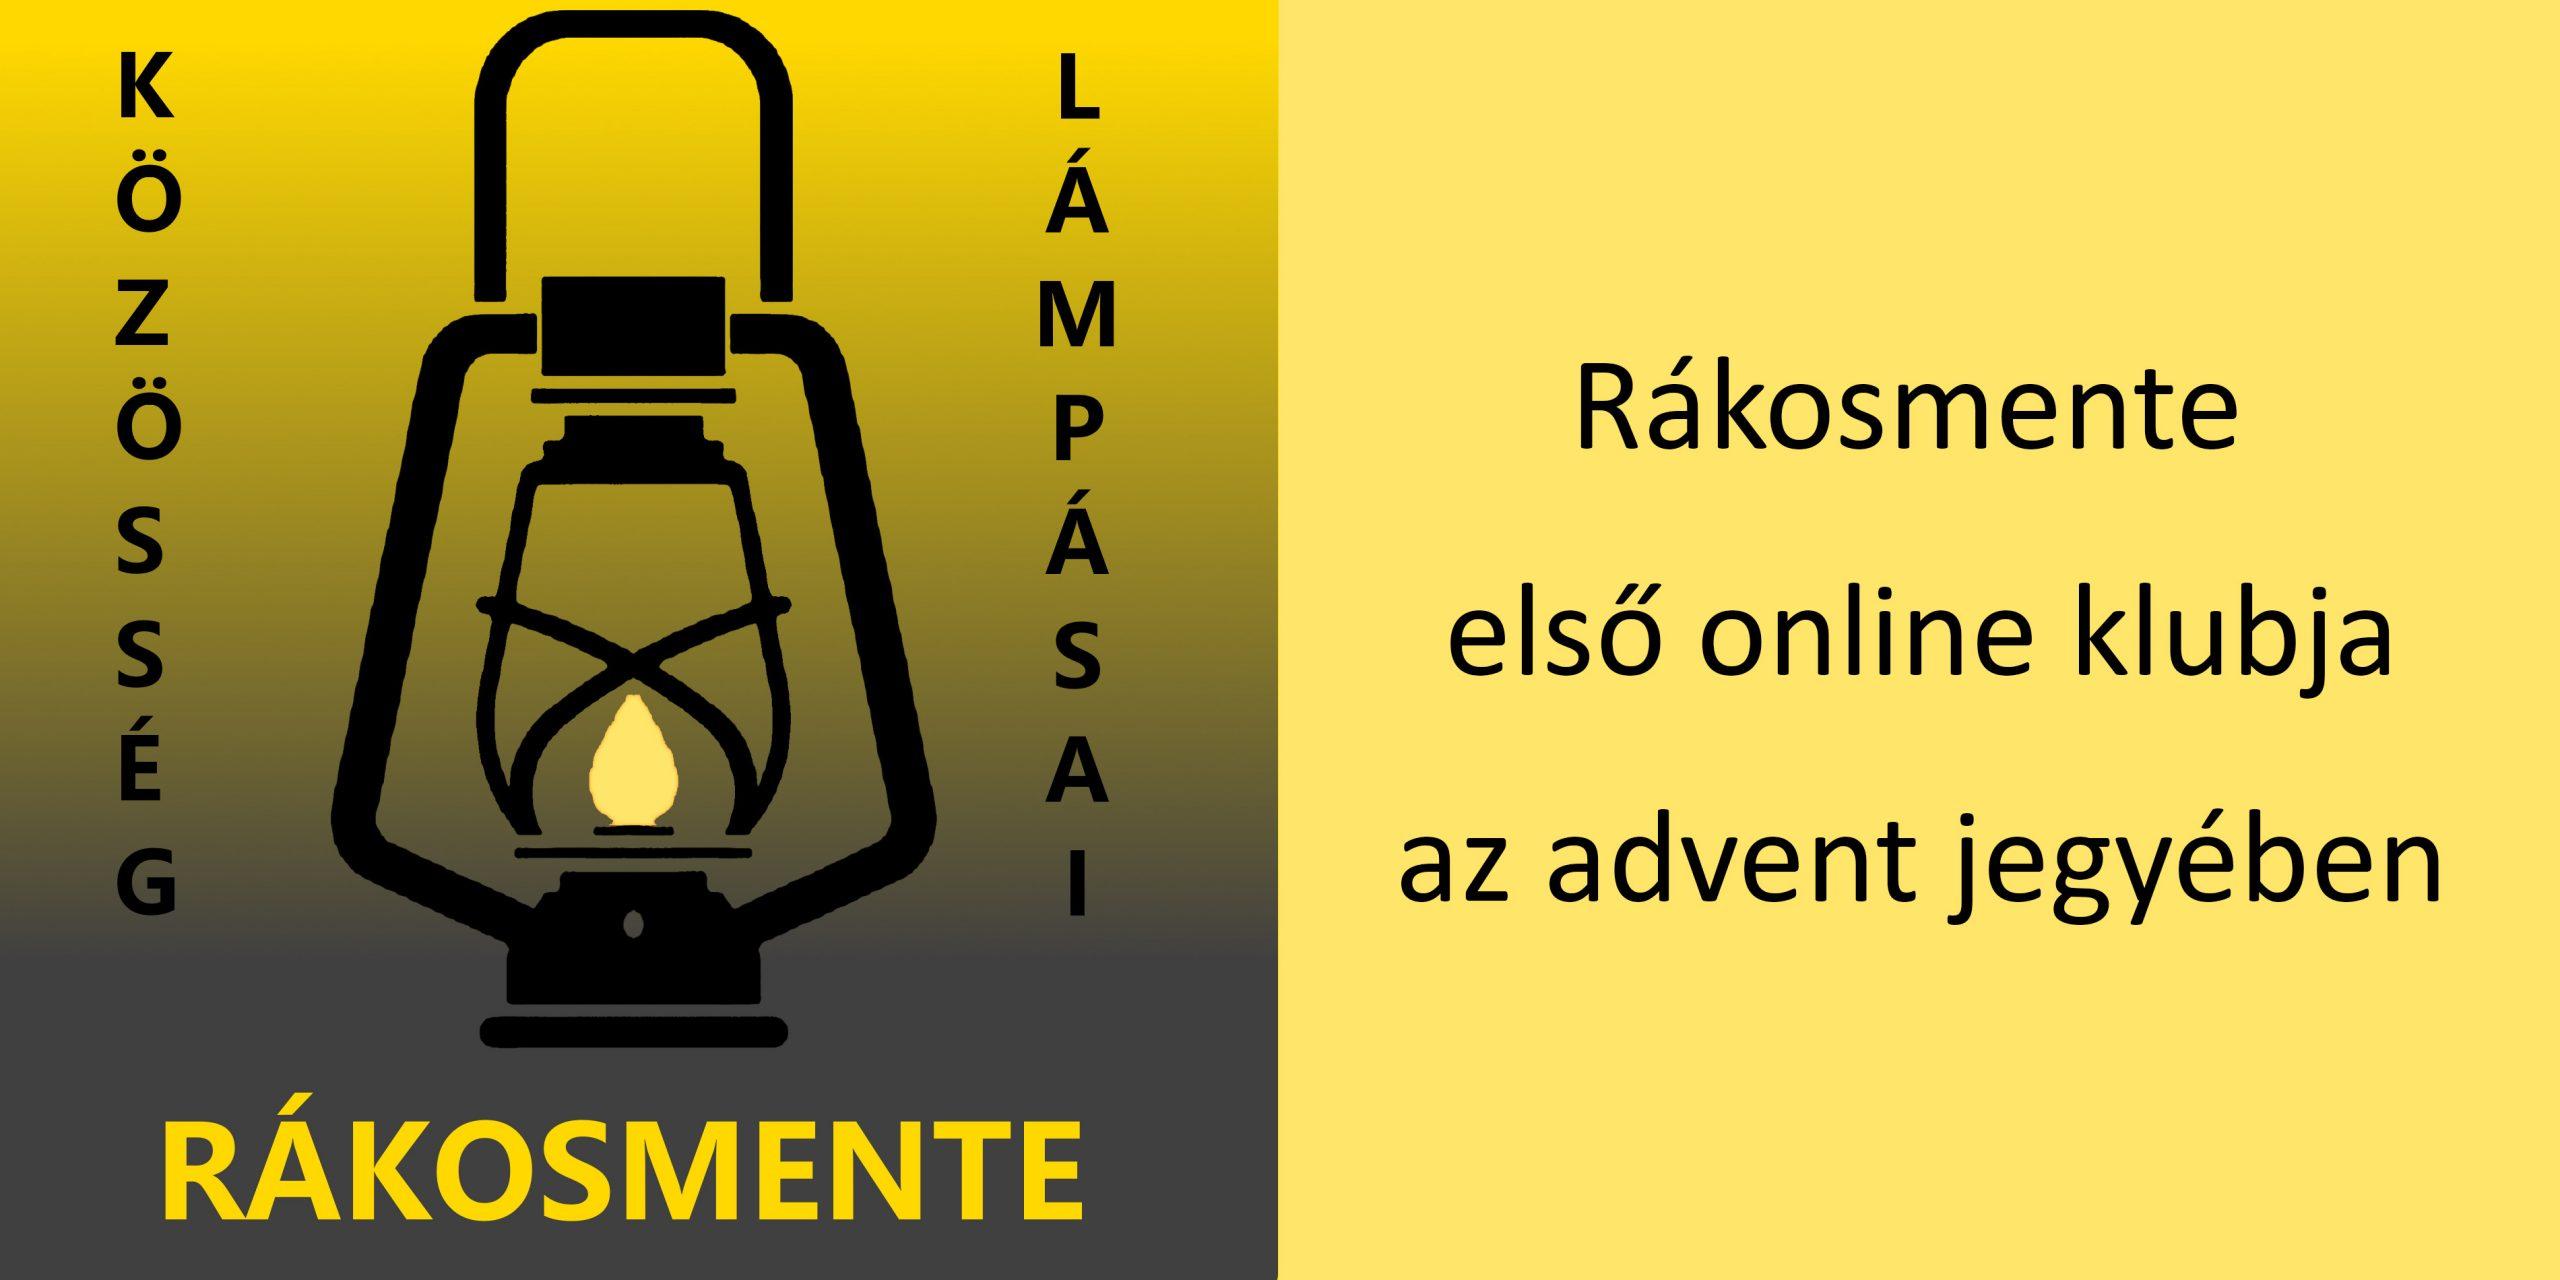 A fotó jobb oldalán sárga alapon fekete betűkkel a hír címe olvasható, a bal oldalon a rákosmenti Lámpás Klub logója látszik.